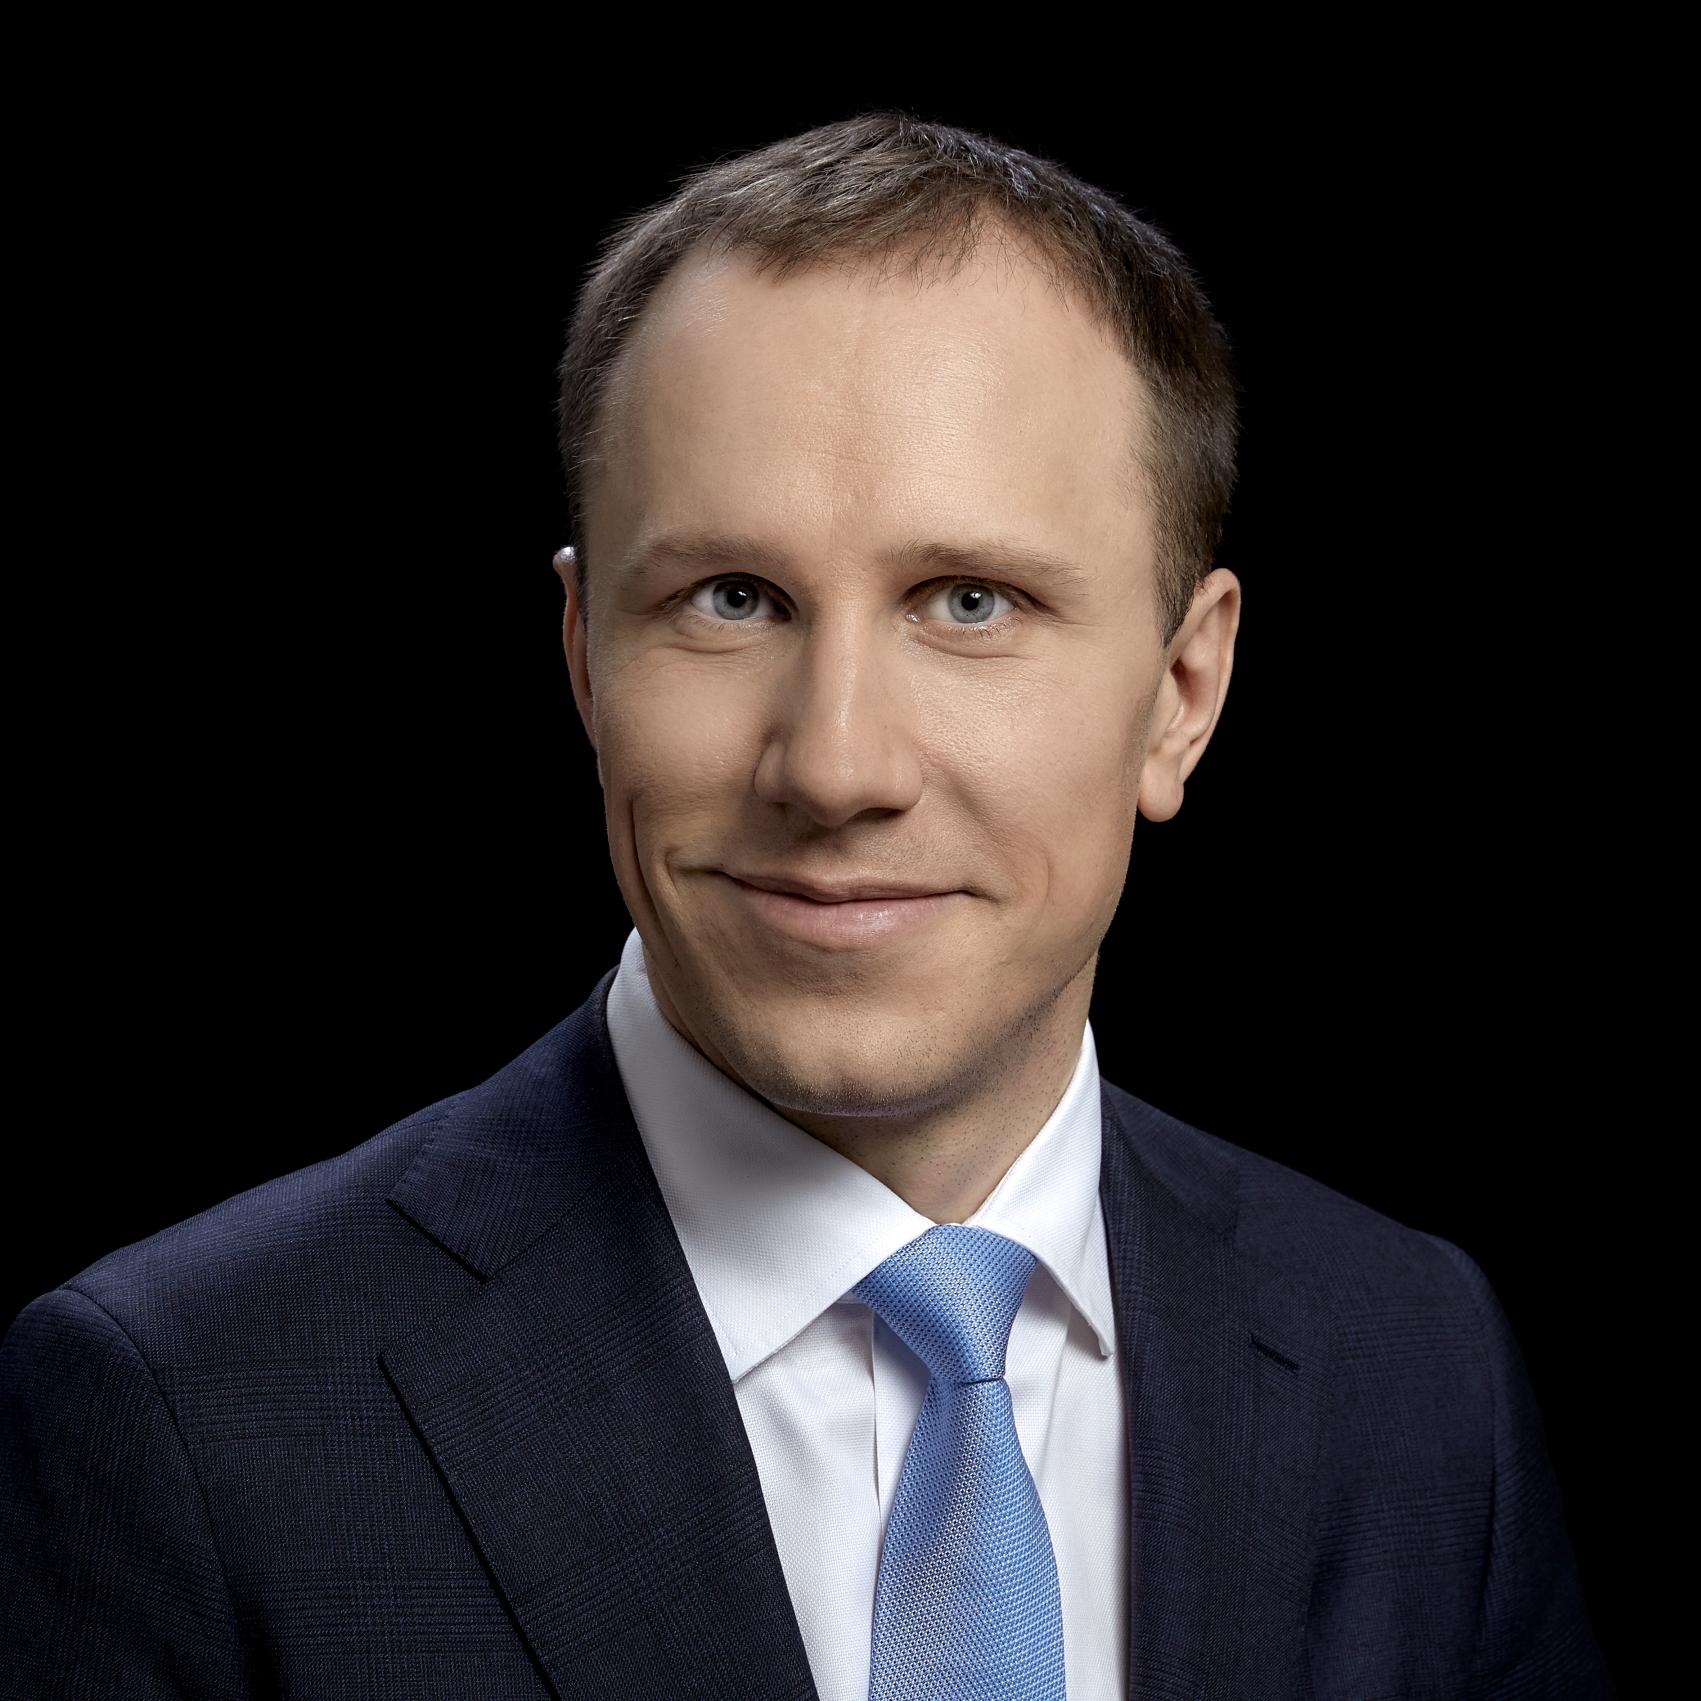 Jānis Līkops